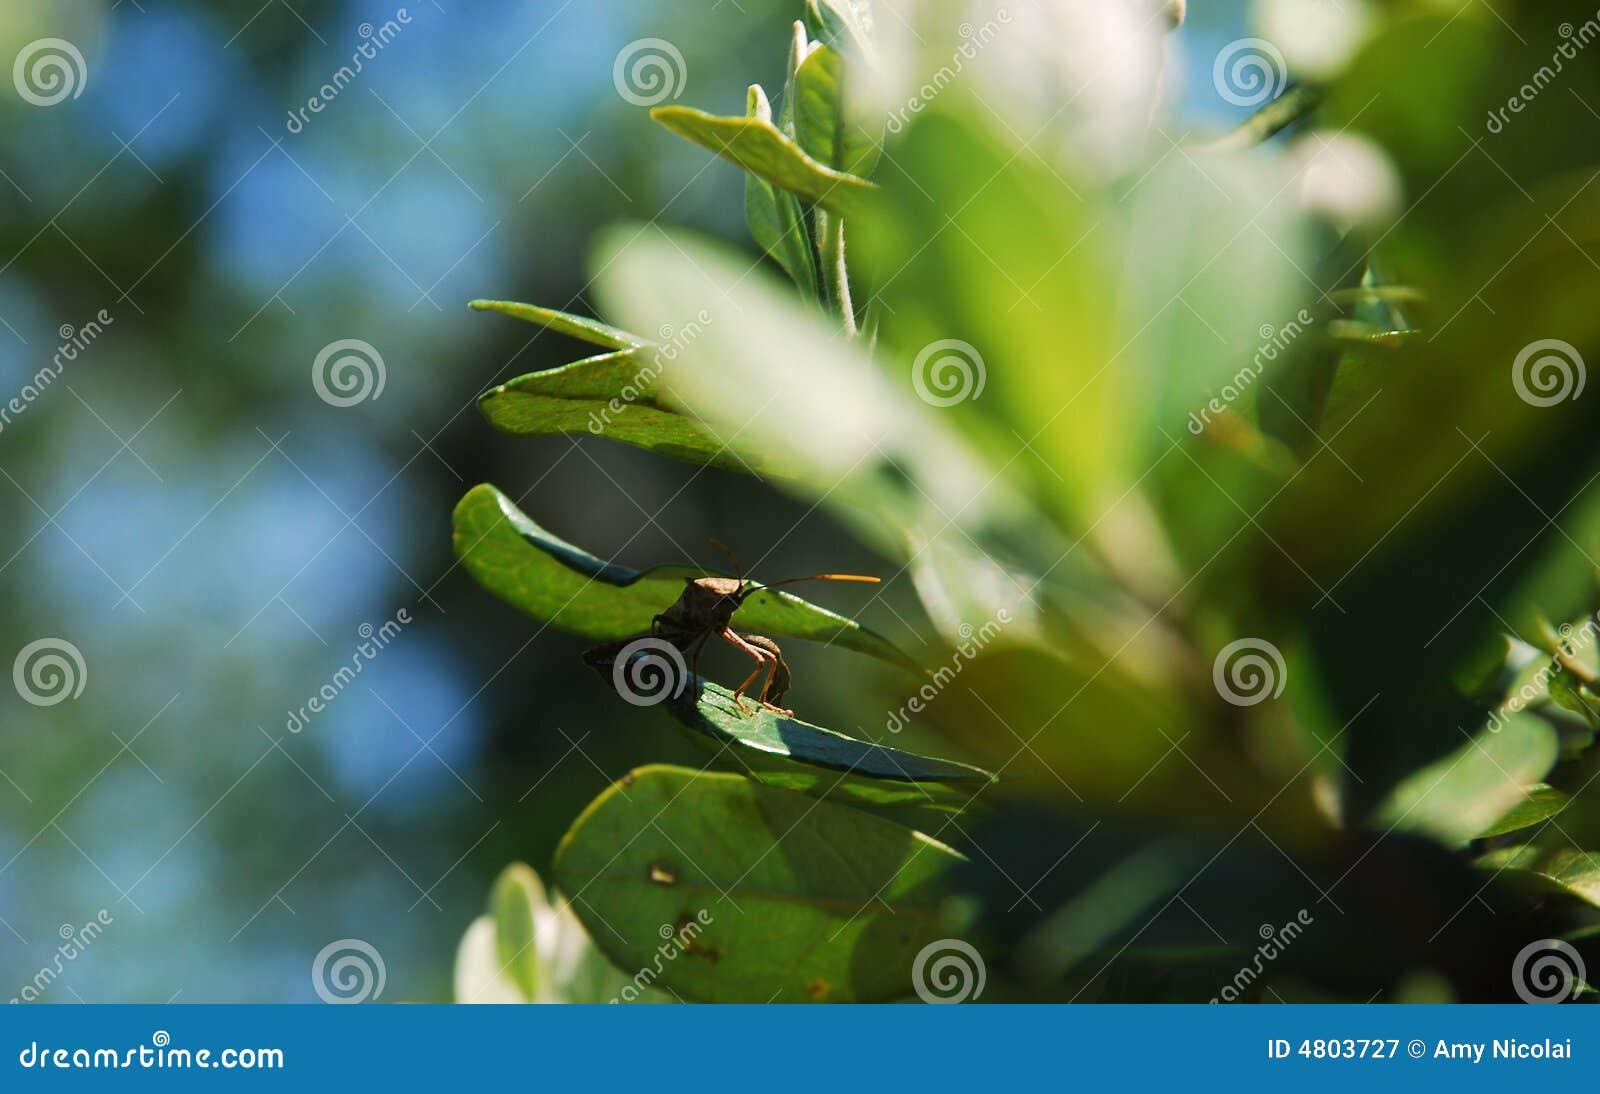 листья насекомого